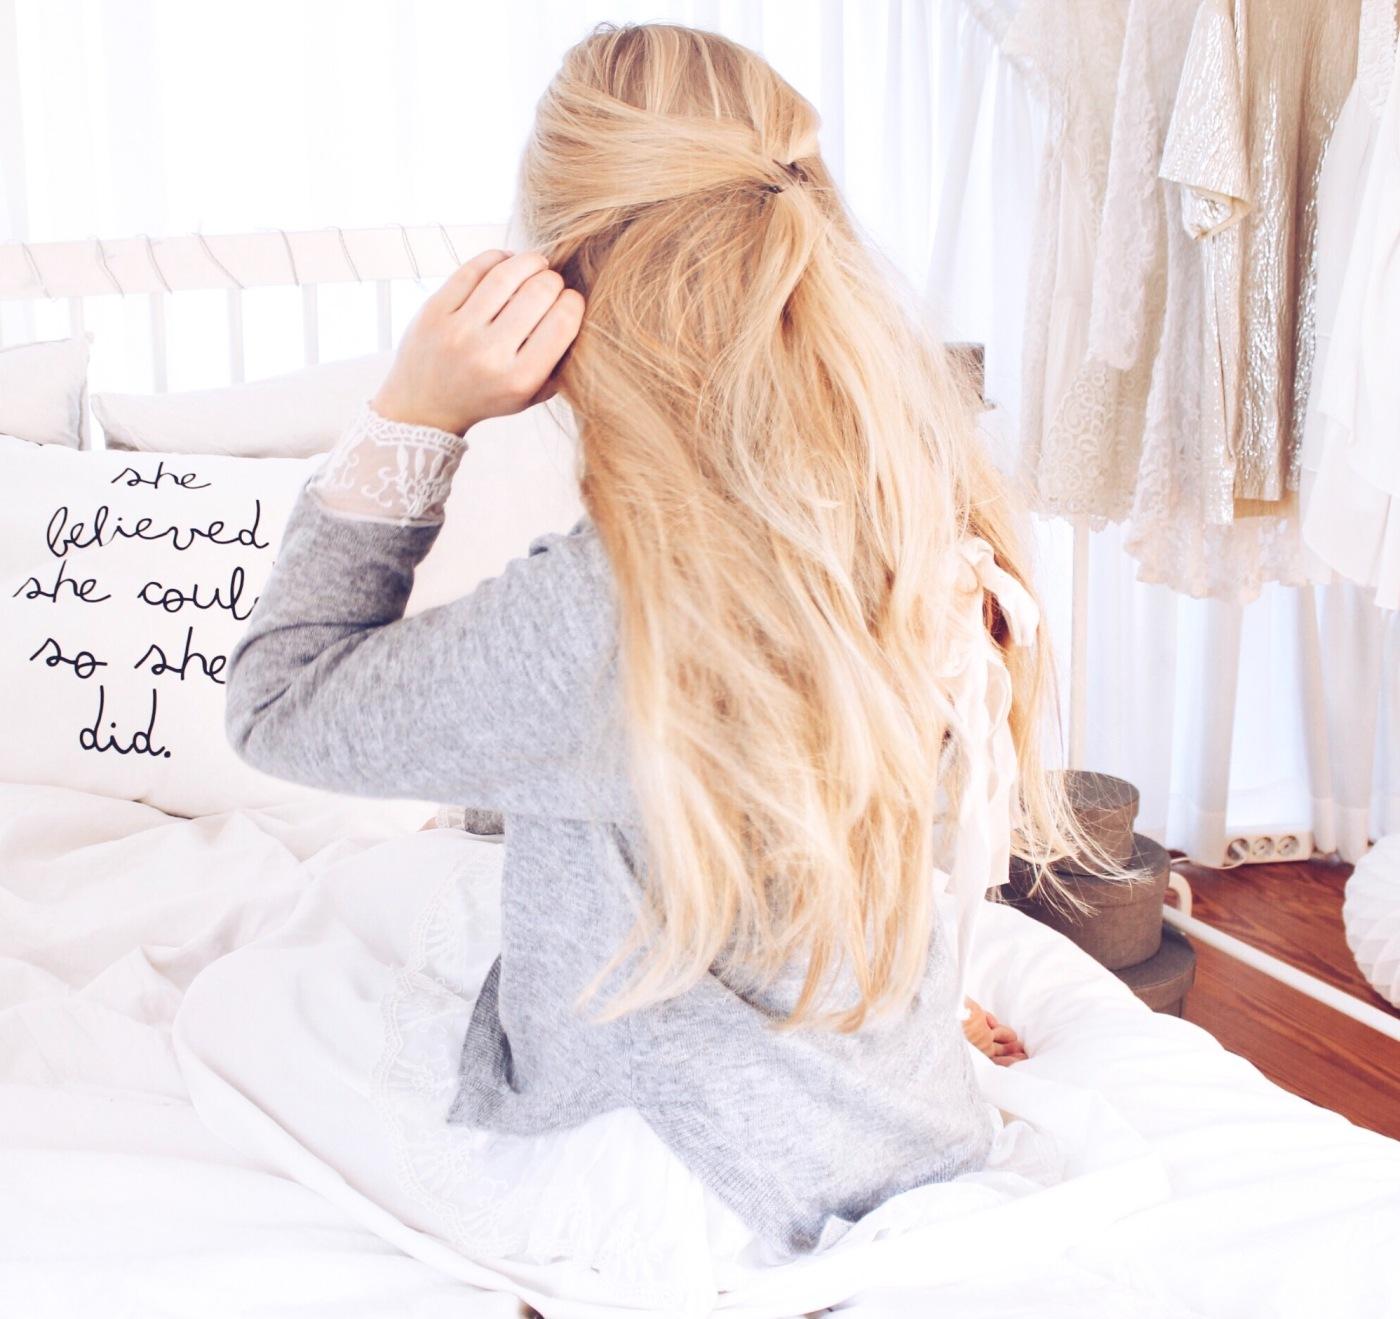 hair_julispiration_4